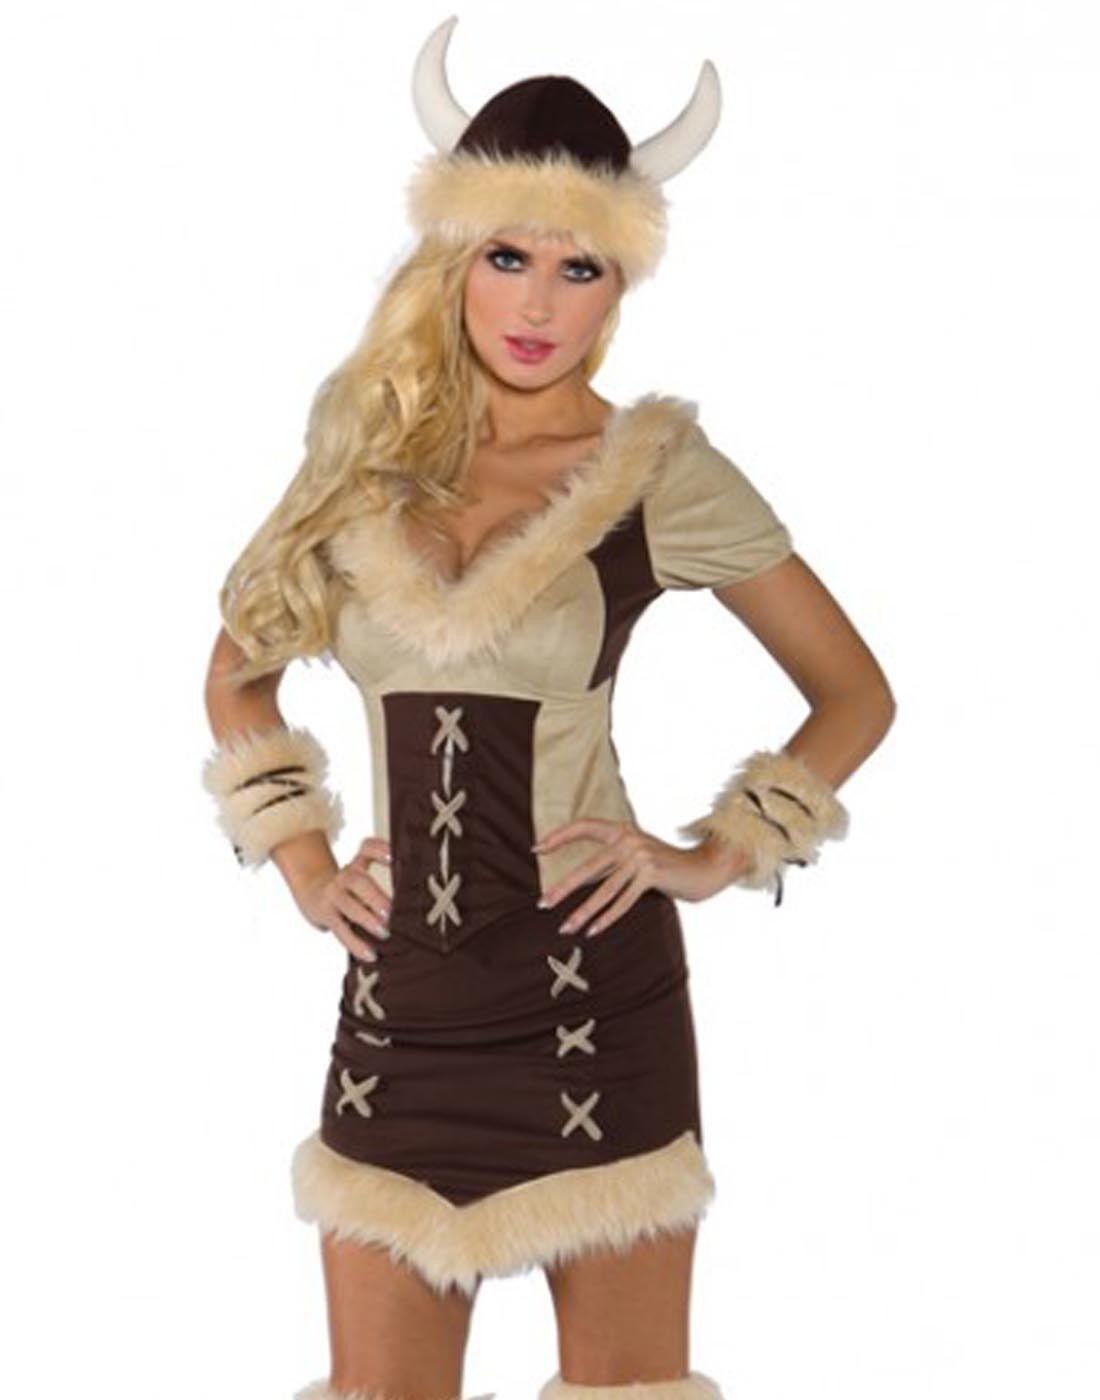 Sexy Wikinger Gladiator Gladiator Gladiator Trojan Warrior Kleid Barbar Damen Halloween Kostüm | Spielzeugwelt, glücklich und grenzenlos  | Exzellente Verarbeitung  | Ausgezeichnete Leistung  371b53